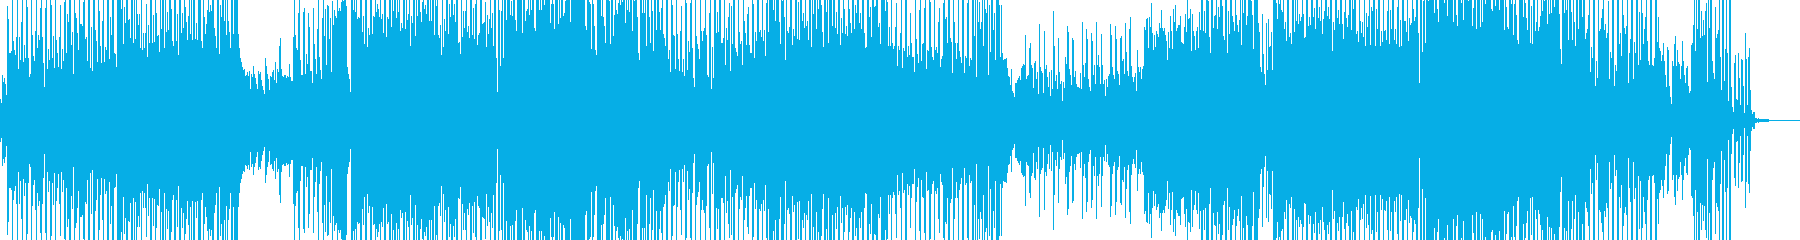 前向きに歩き出すテクノポップ 長尺の再生済みの波形